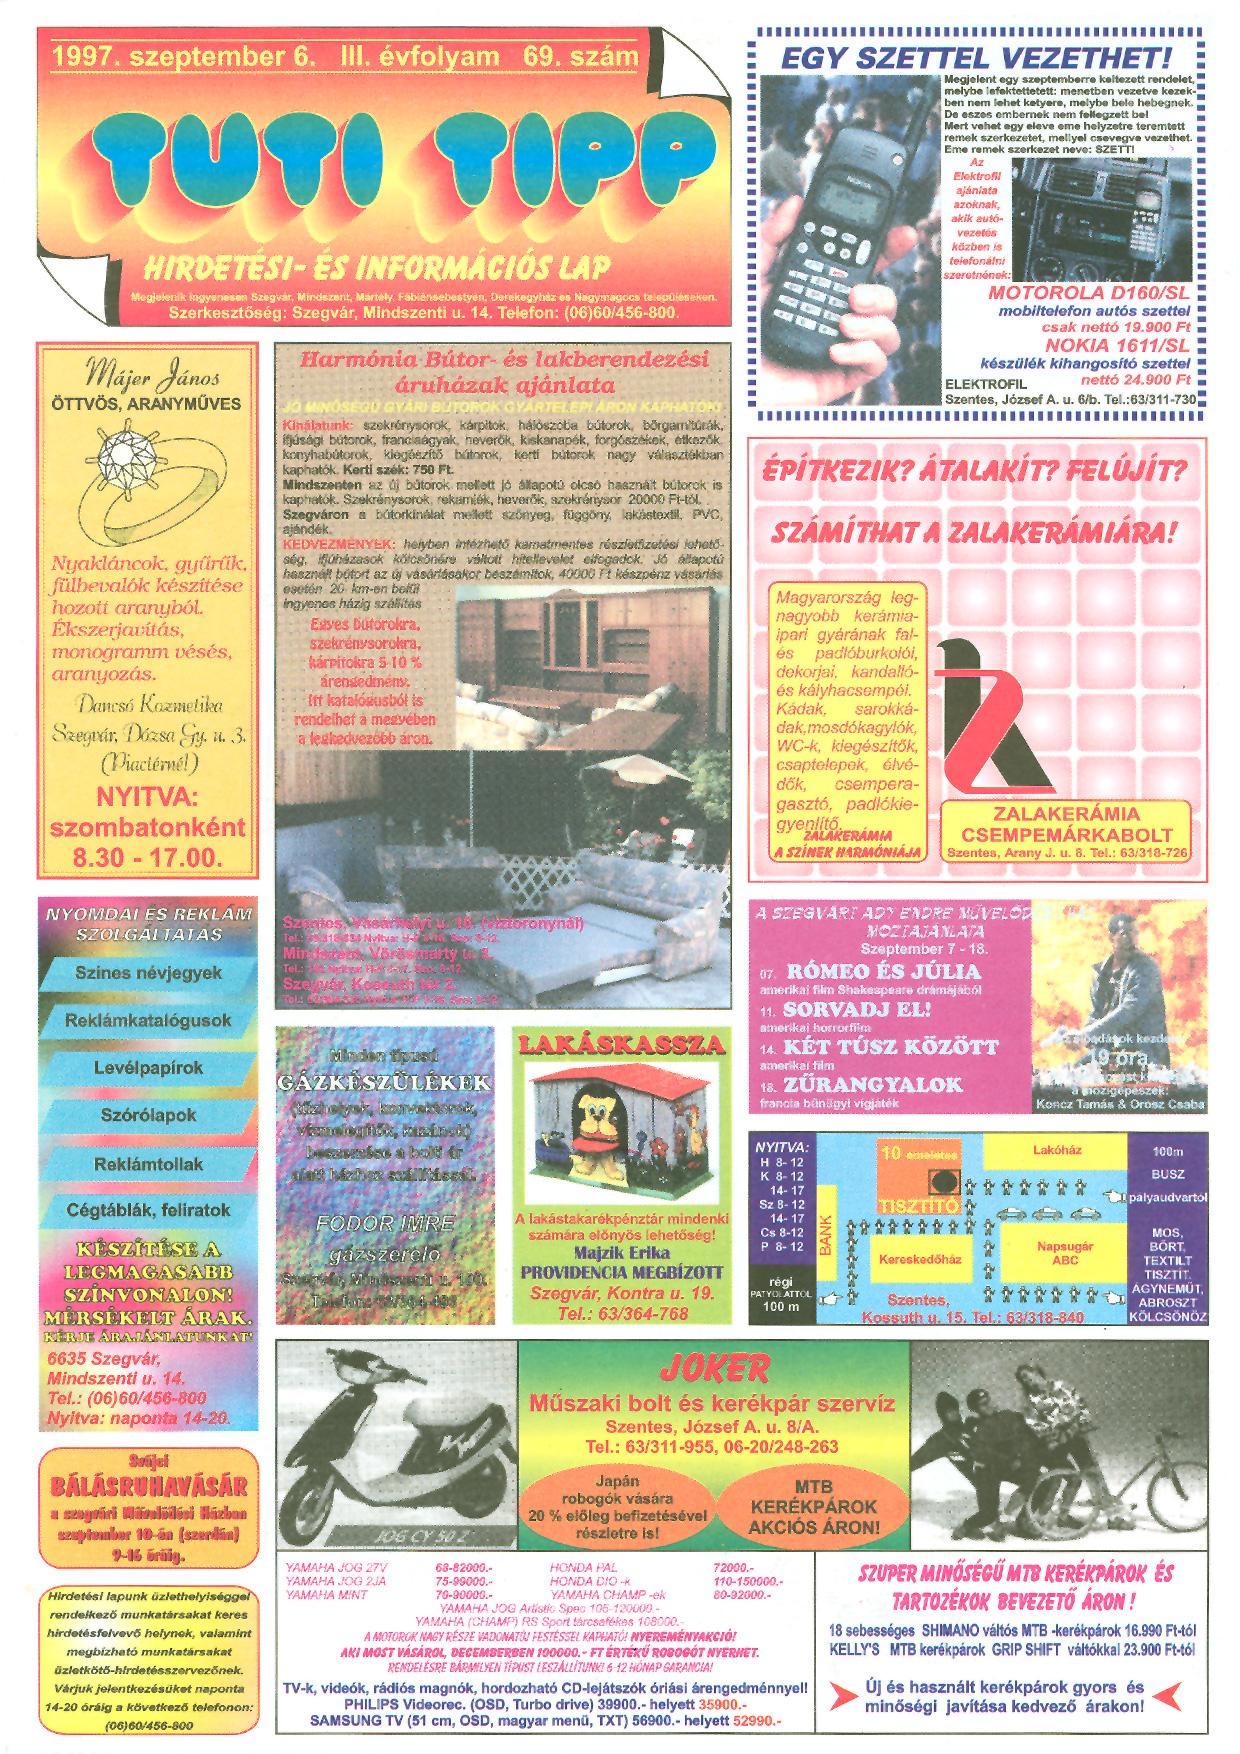 033 Tuti Tipp reklámújság - 19970906-069. lapszám - 1.oldal - III. évfolyam.jpg